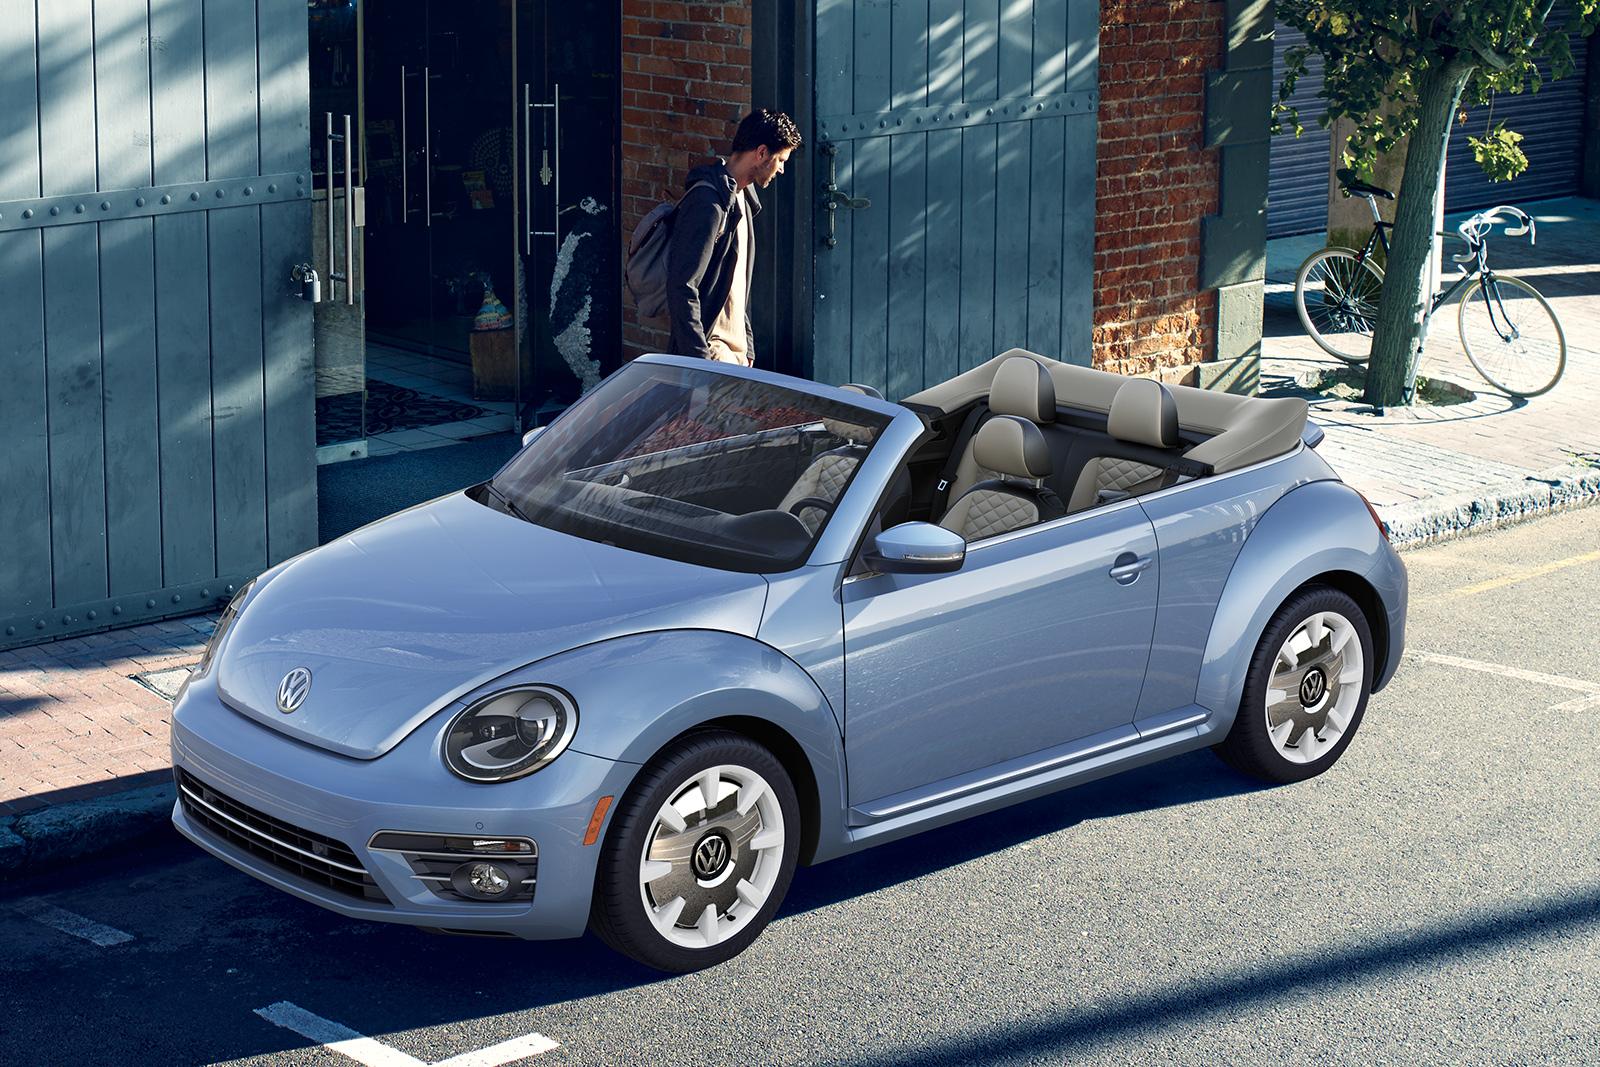 Volkswagen Beetle Final Edition 2019 convertible